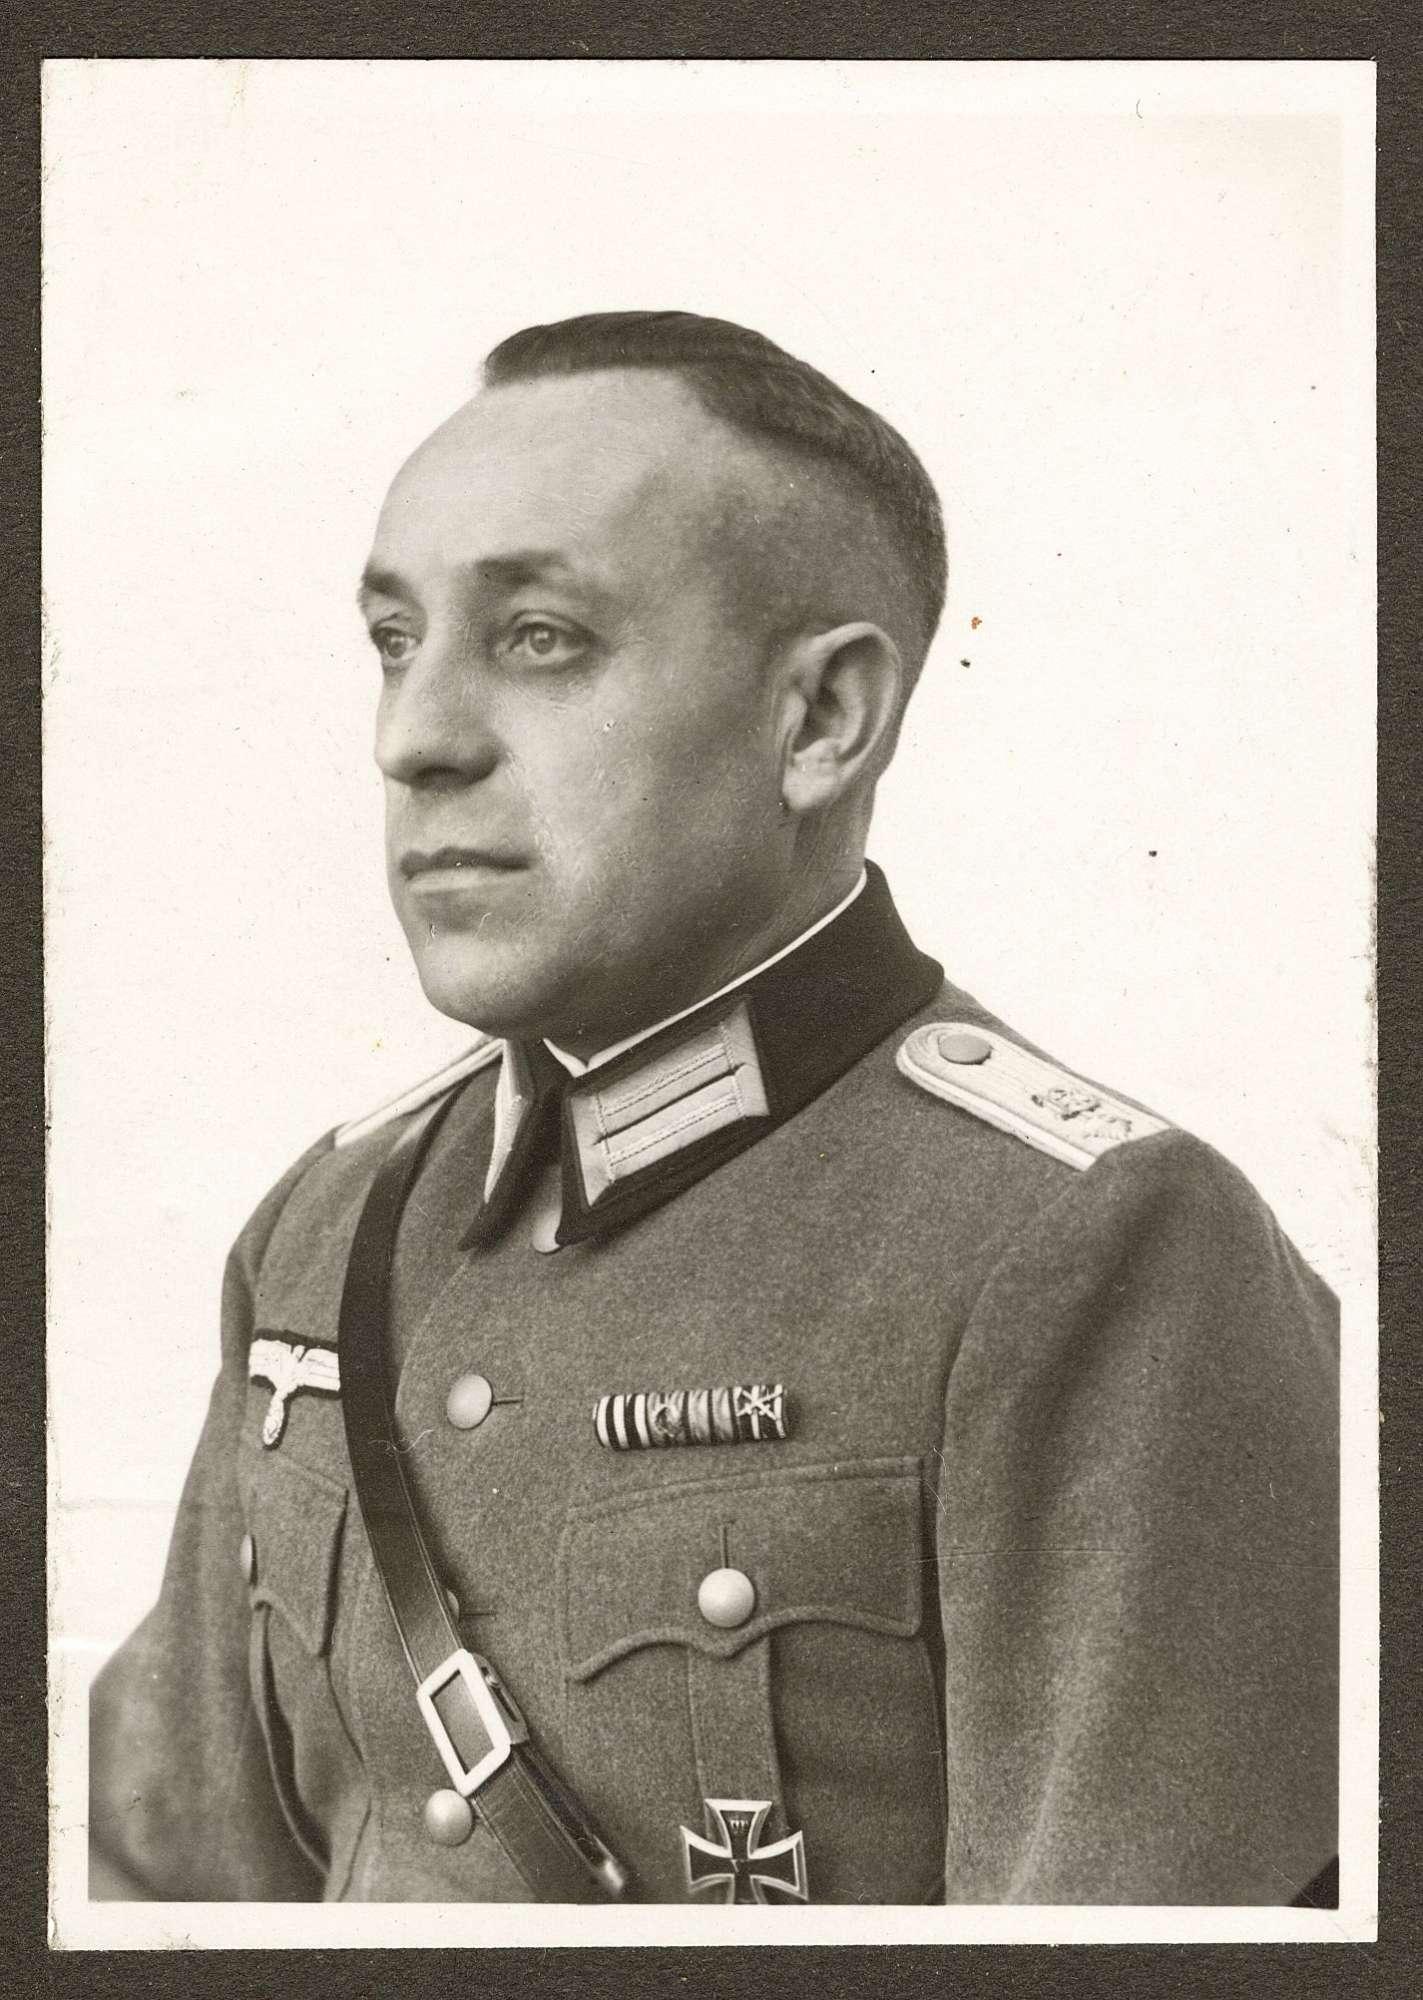 Meffle, Hermann, Bild 1